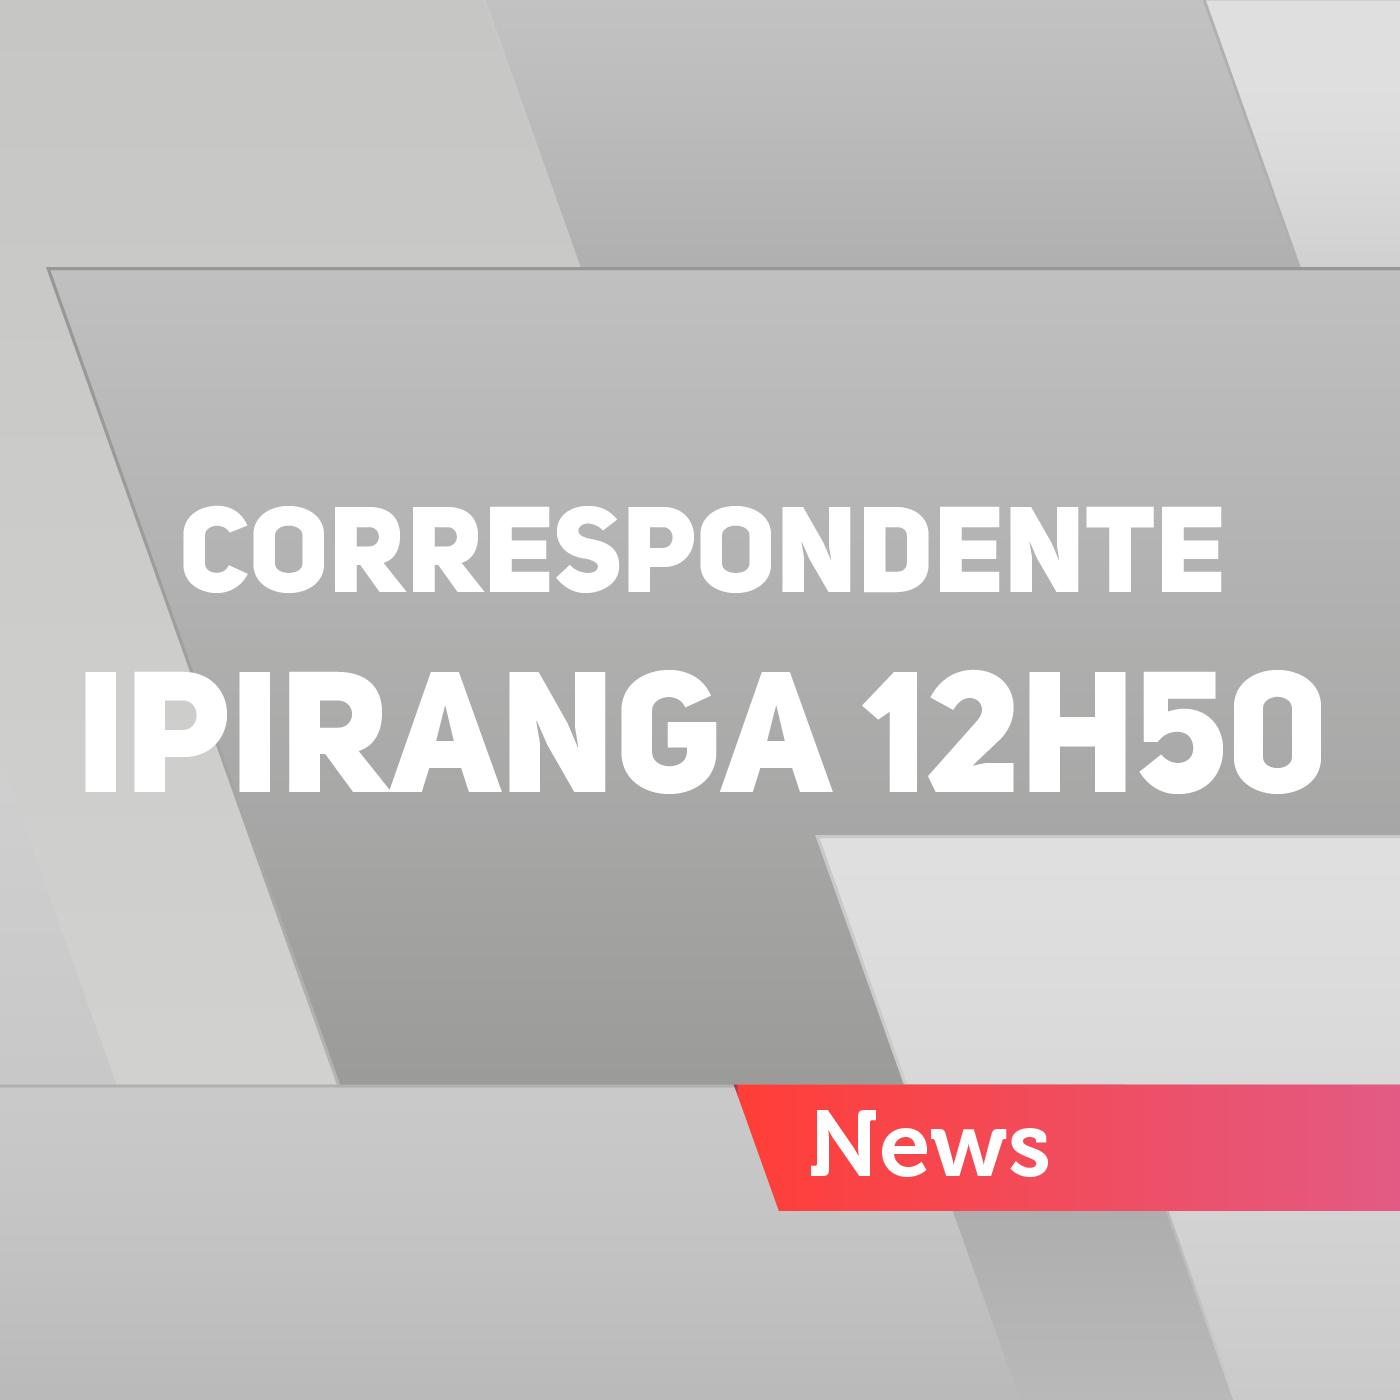 Correspondente Ipiranga 12h50 - 23/02/2017